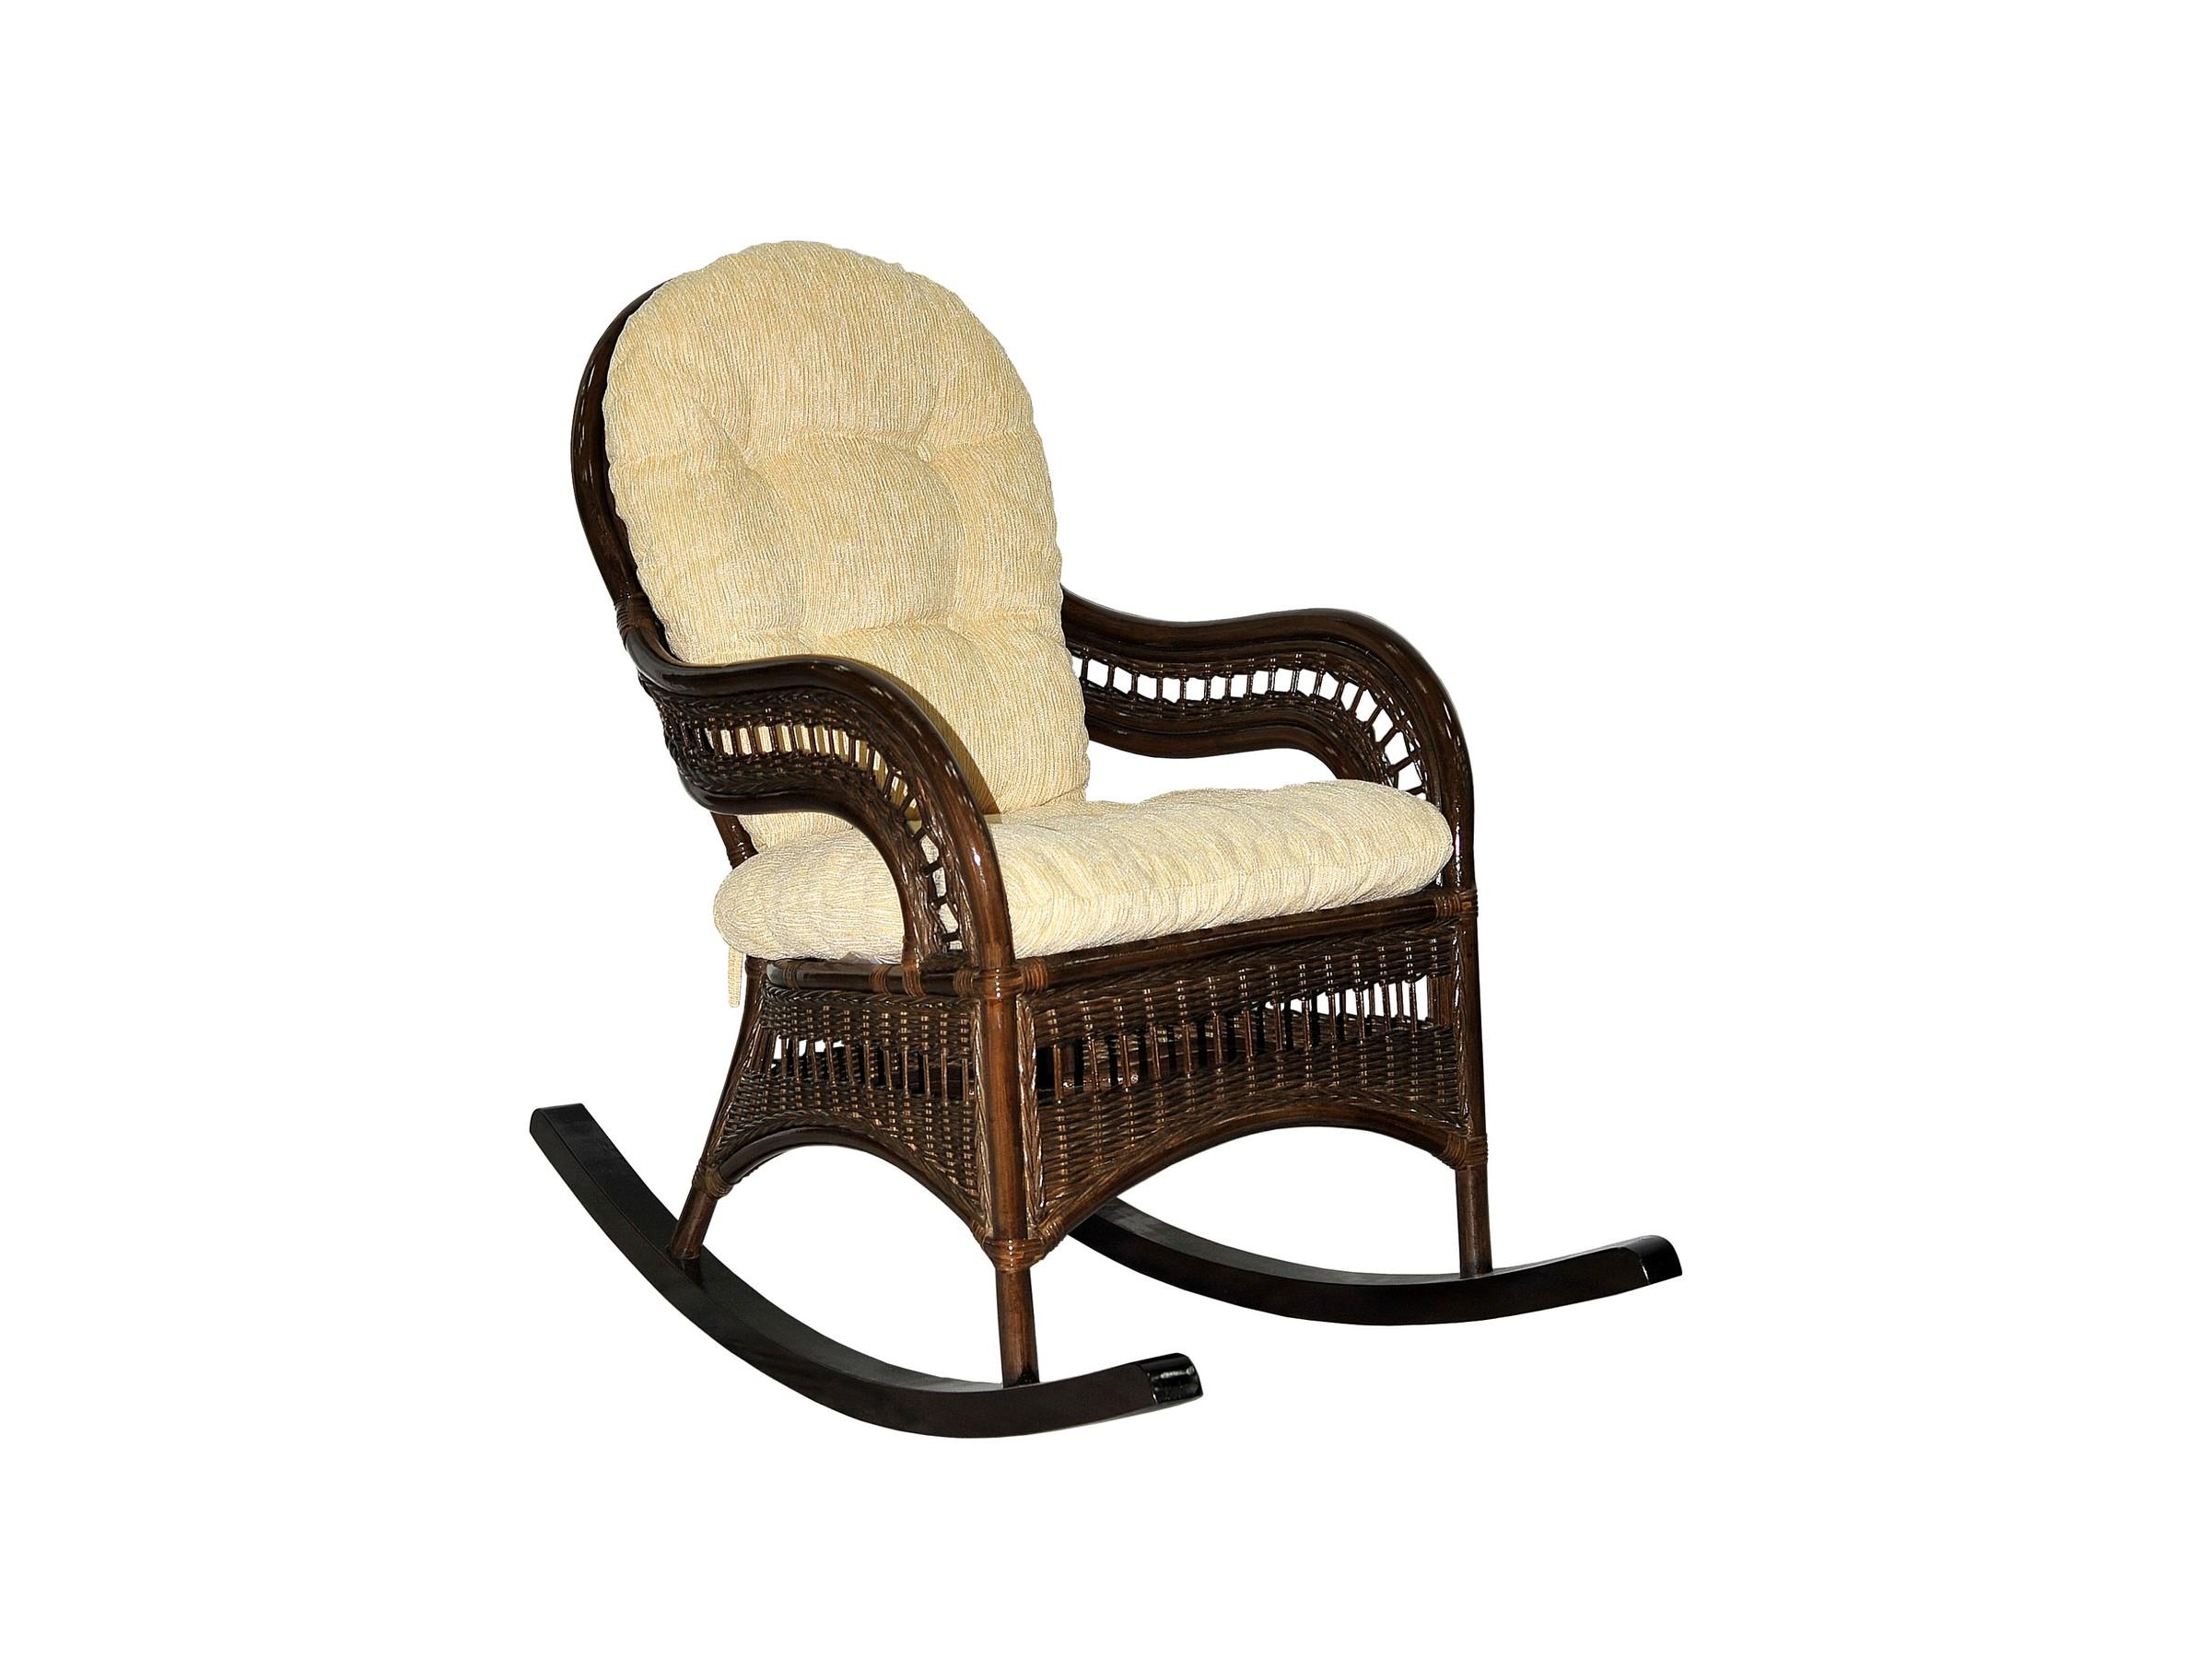 Кресло-качалка KiwiКресла для сада<br>Цвет: браун (коричневый)Материал подушки: шениллВес, кг:  10Выдерживаемая нагрузка, кг:  95<br><br>kit: None<br>gender: None